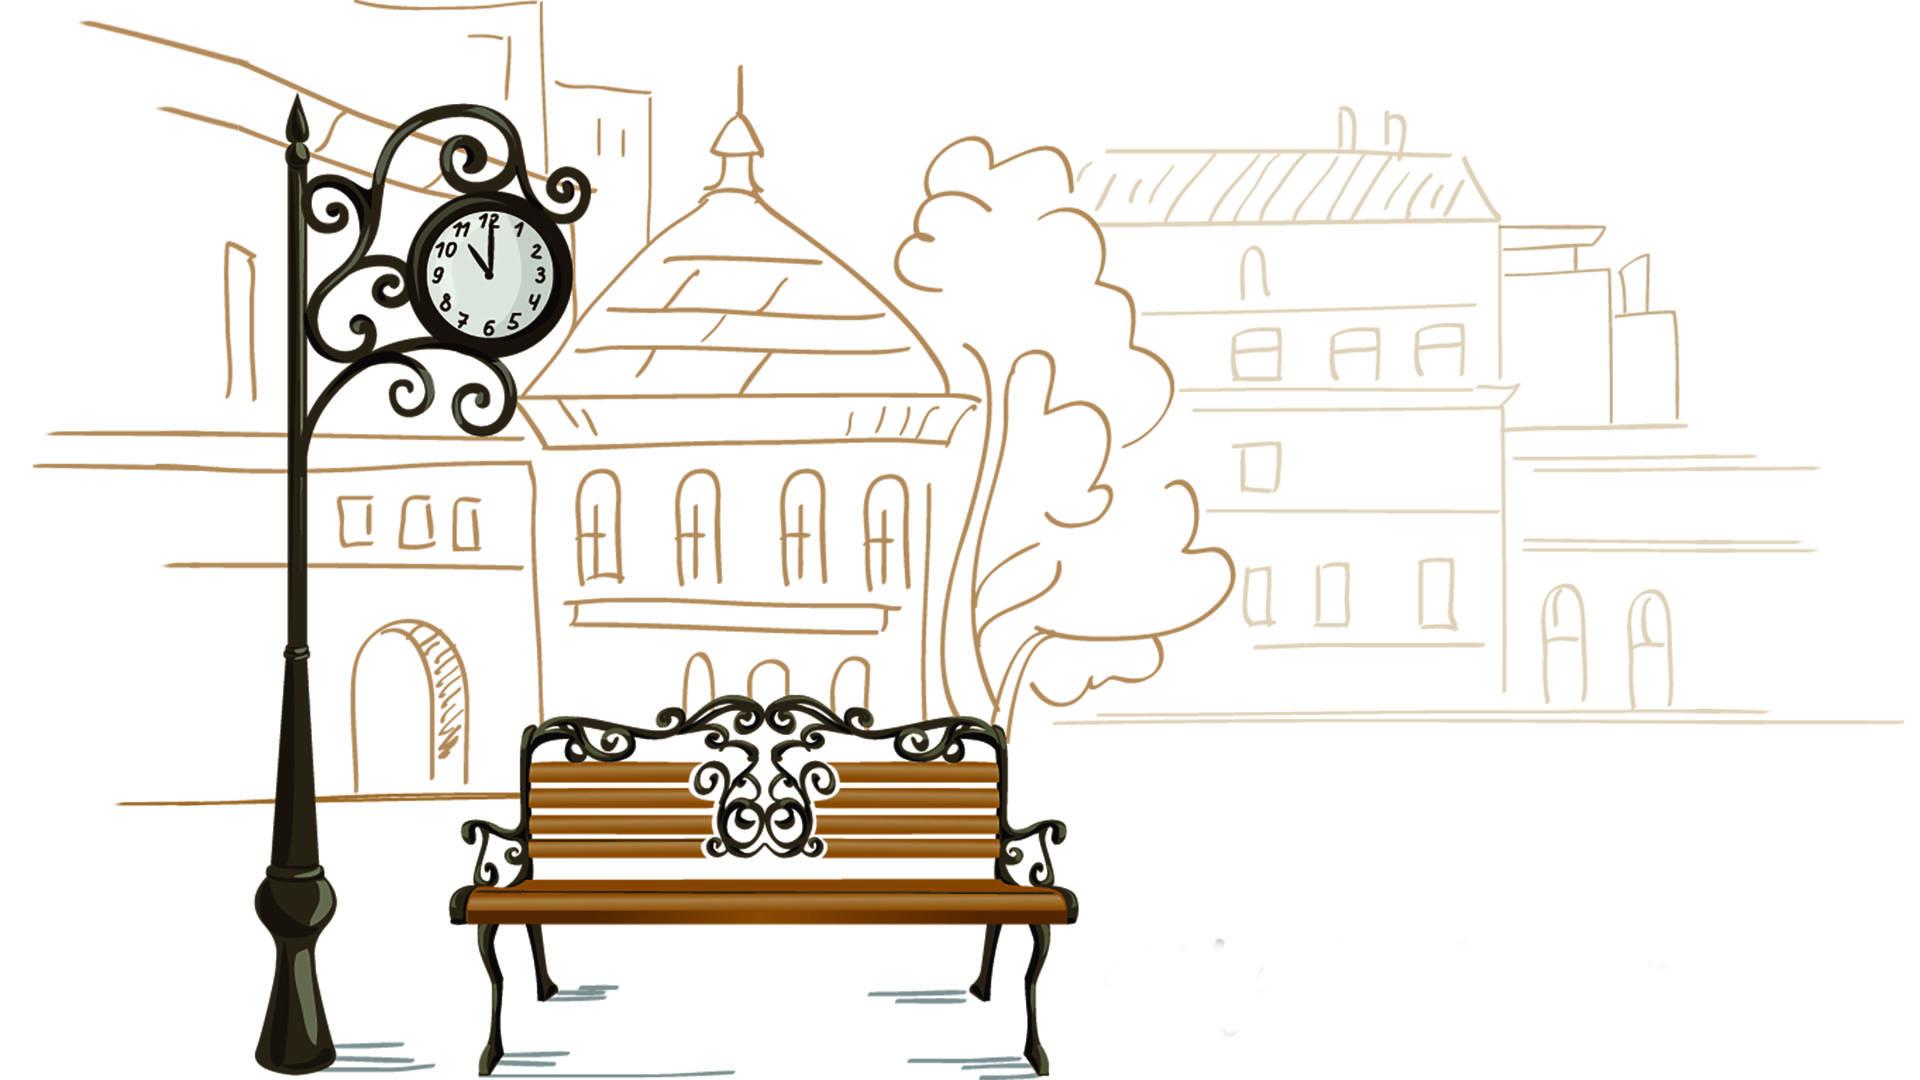 slide-e-commerce-arredo-urbano-giardino-e-illuminazione-artistica-irollo